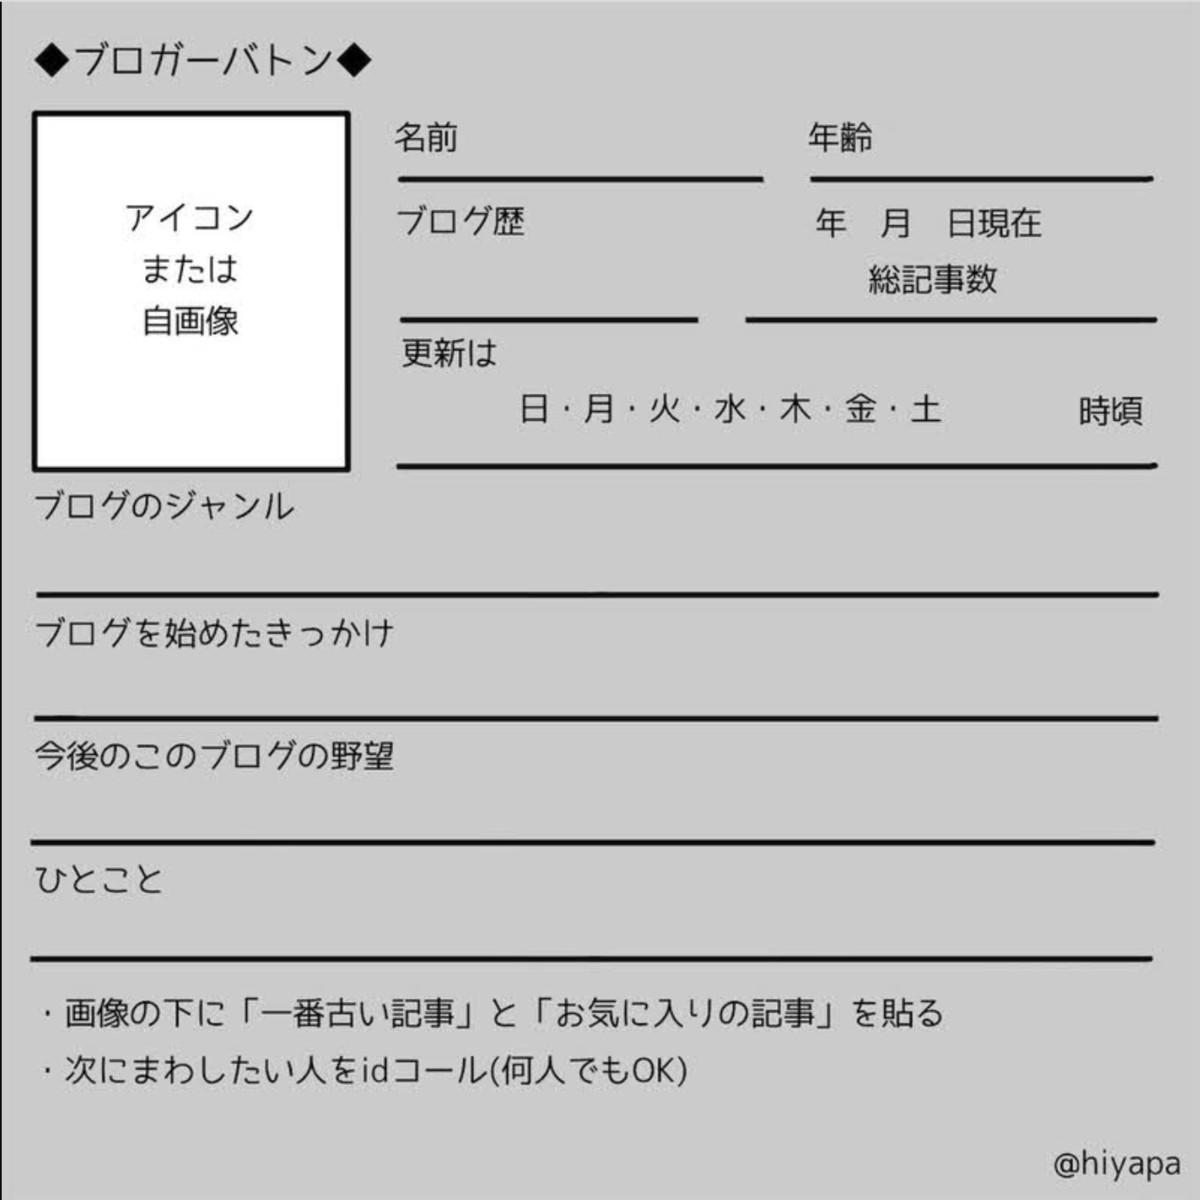 f:id:yoshi-sloth:20200816114235j:plain